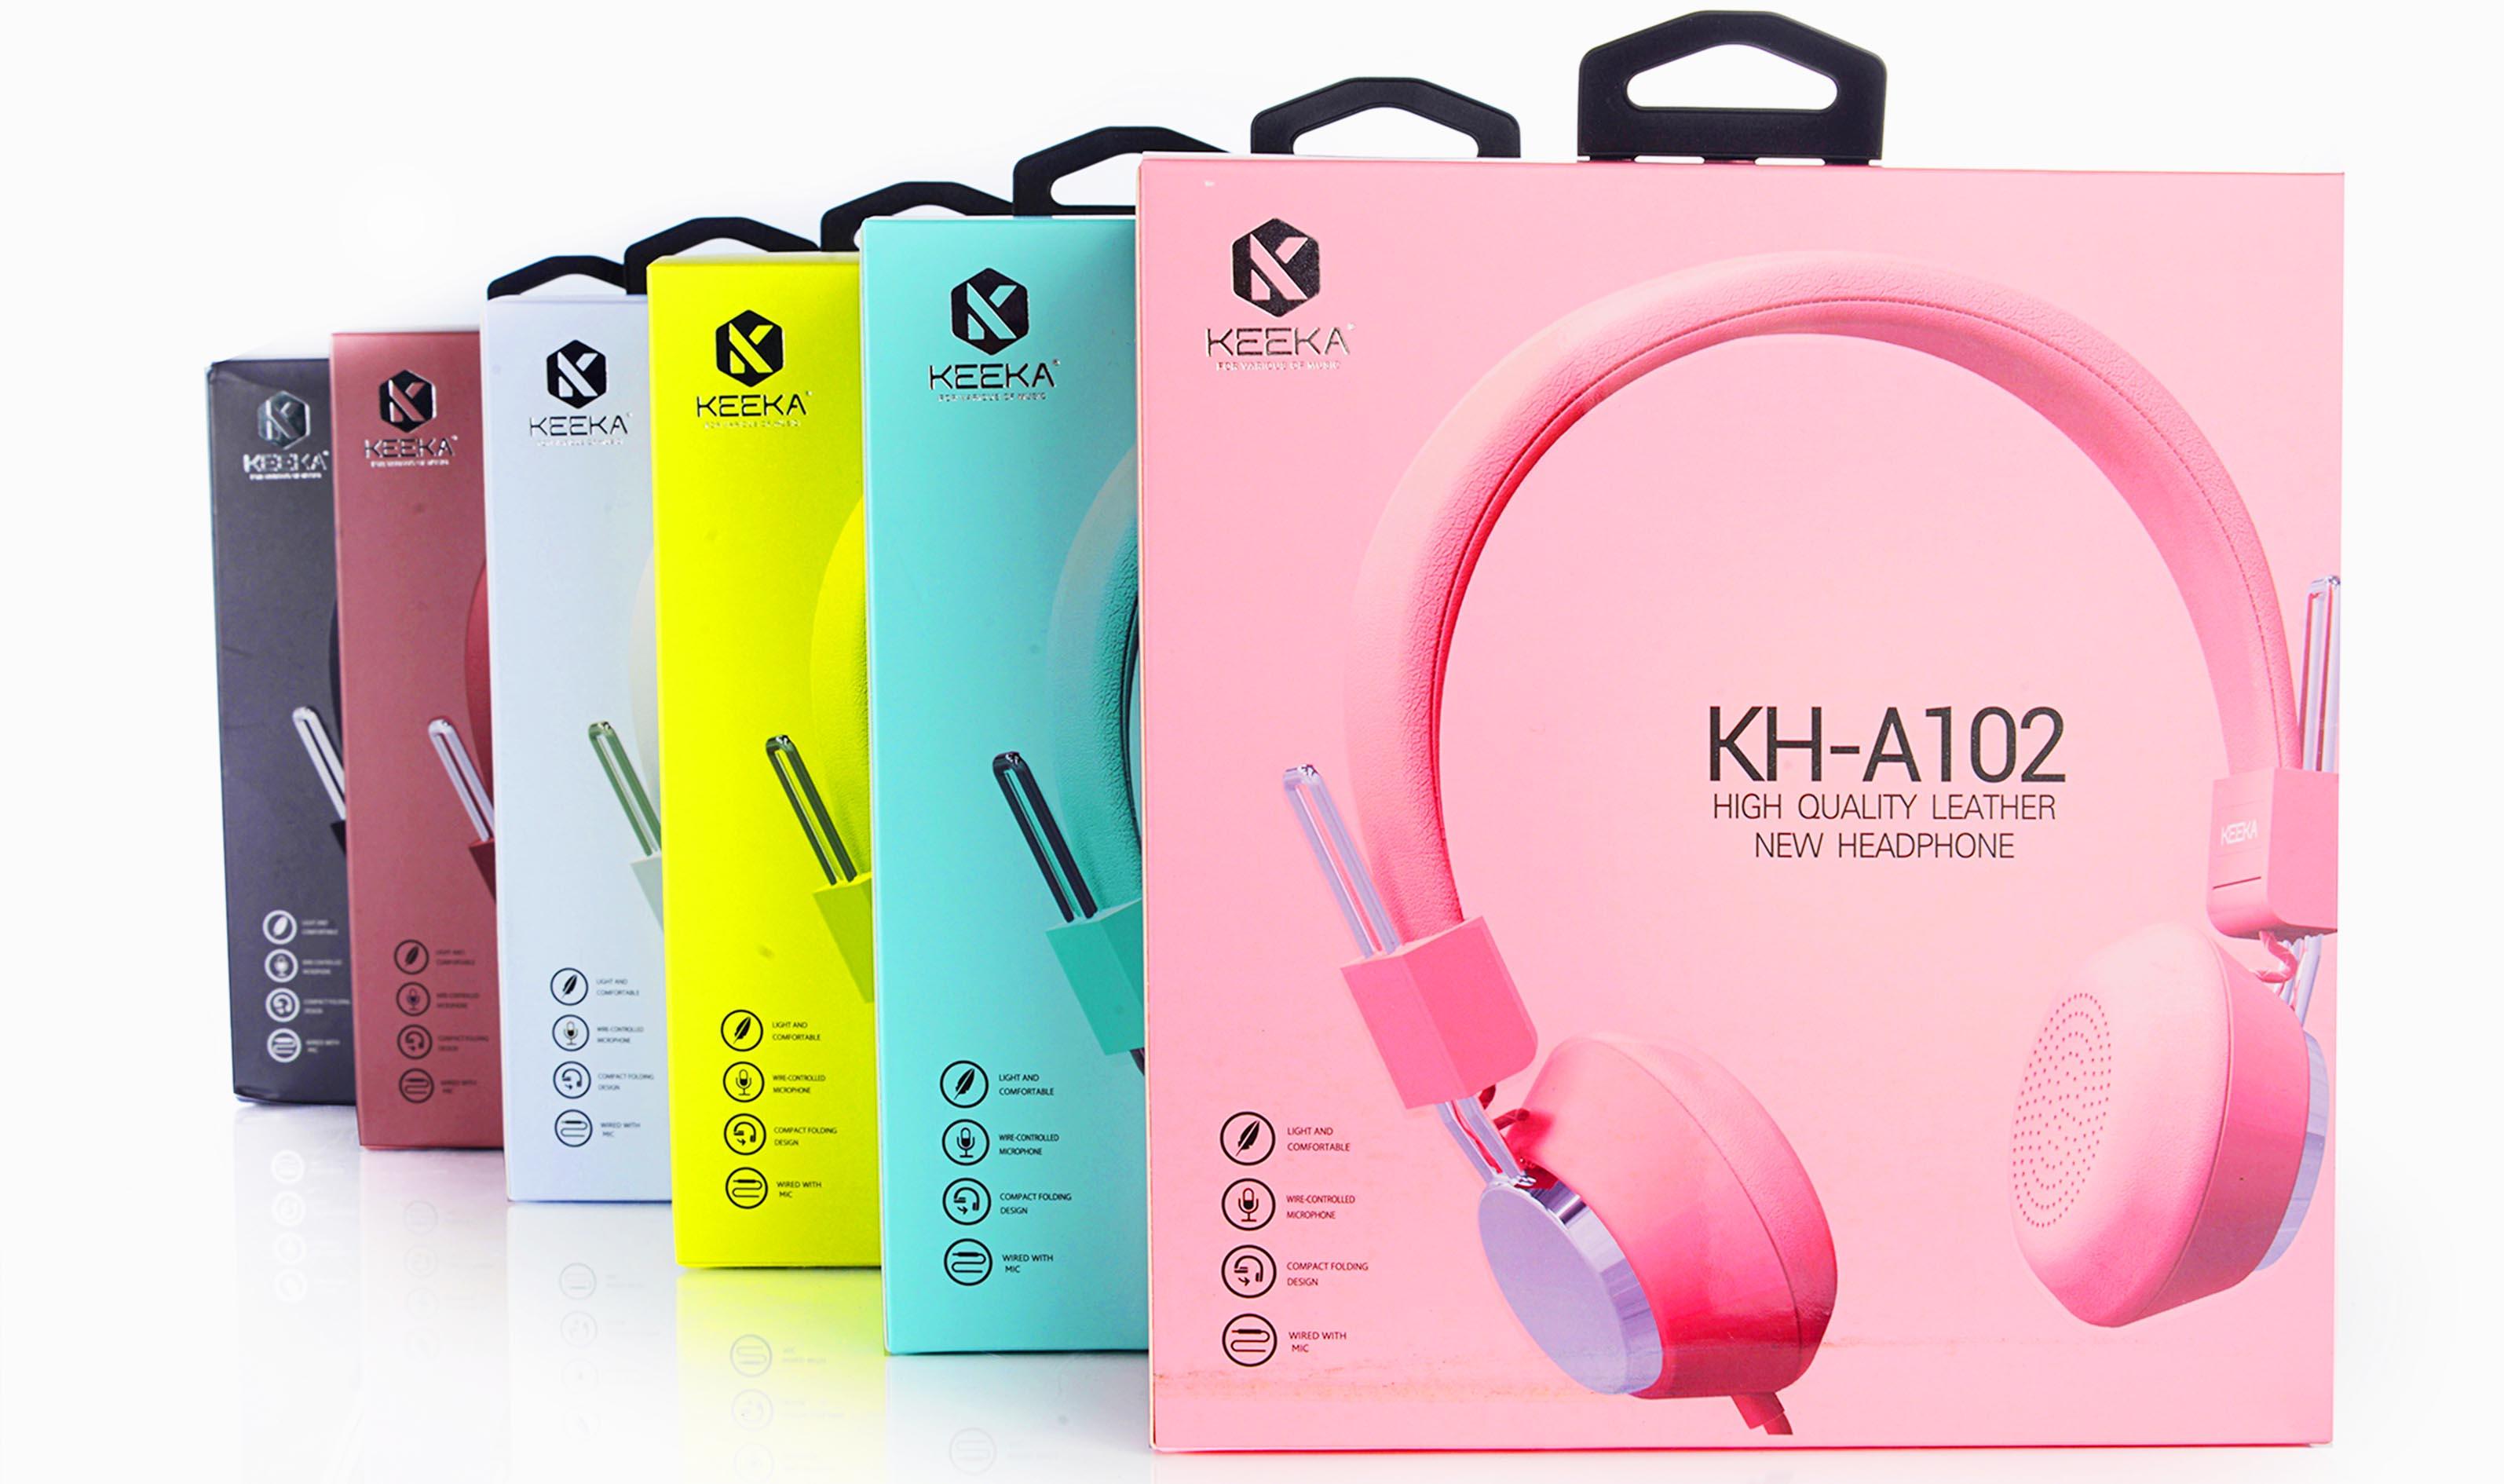 KH-A102